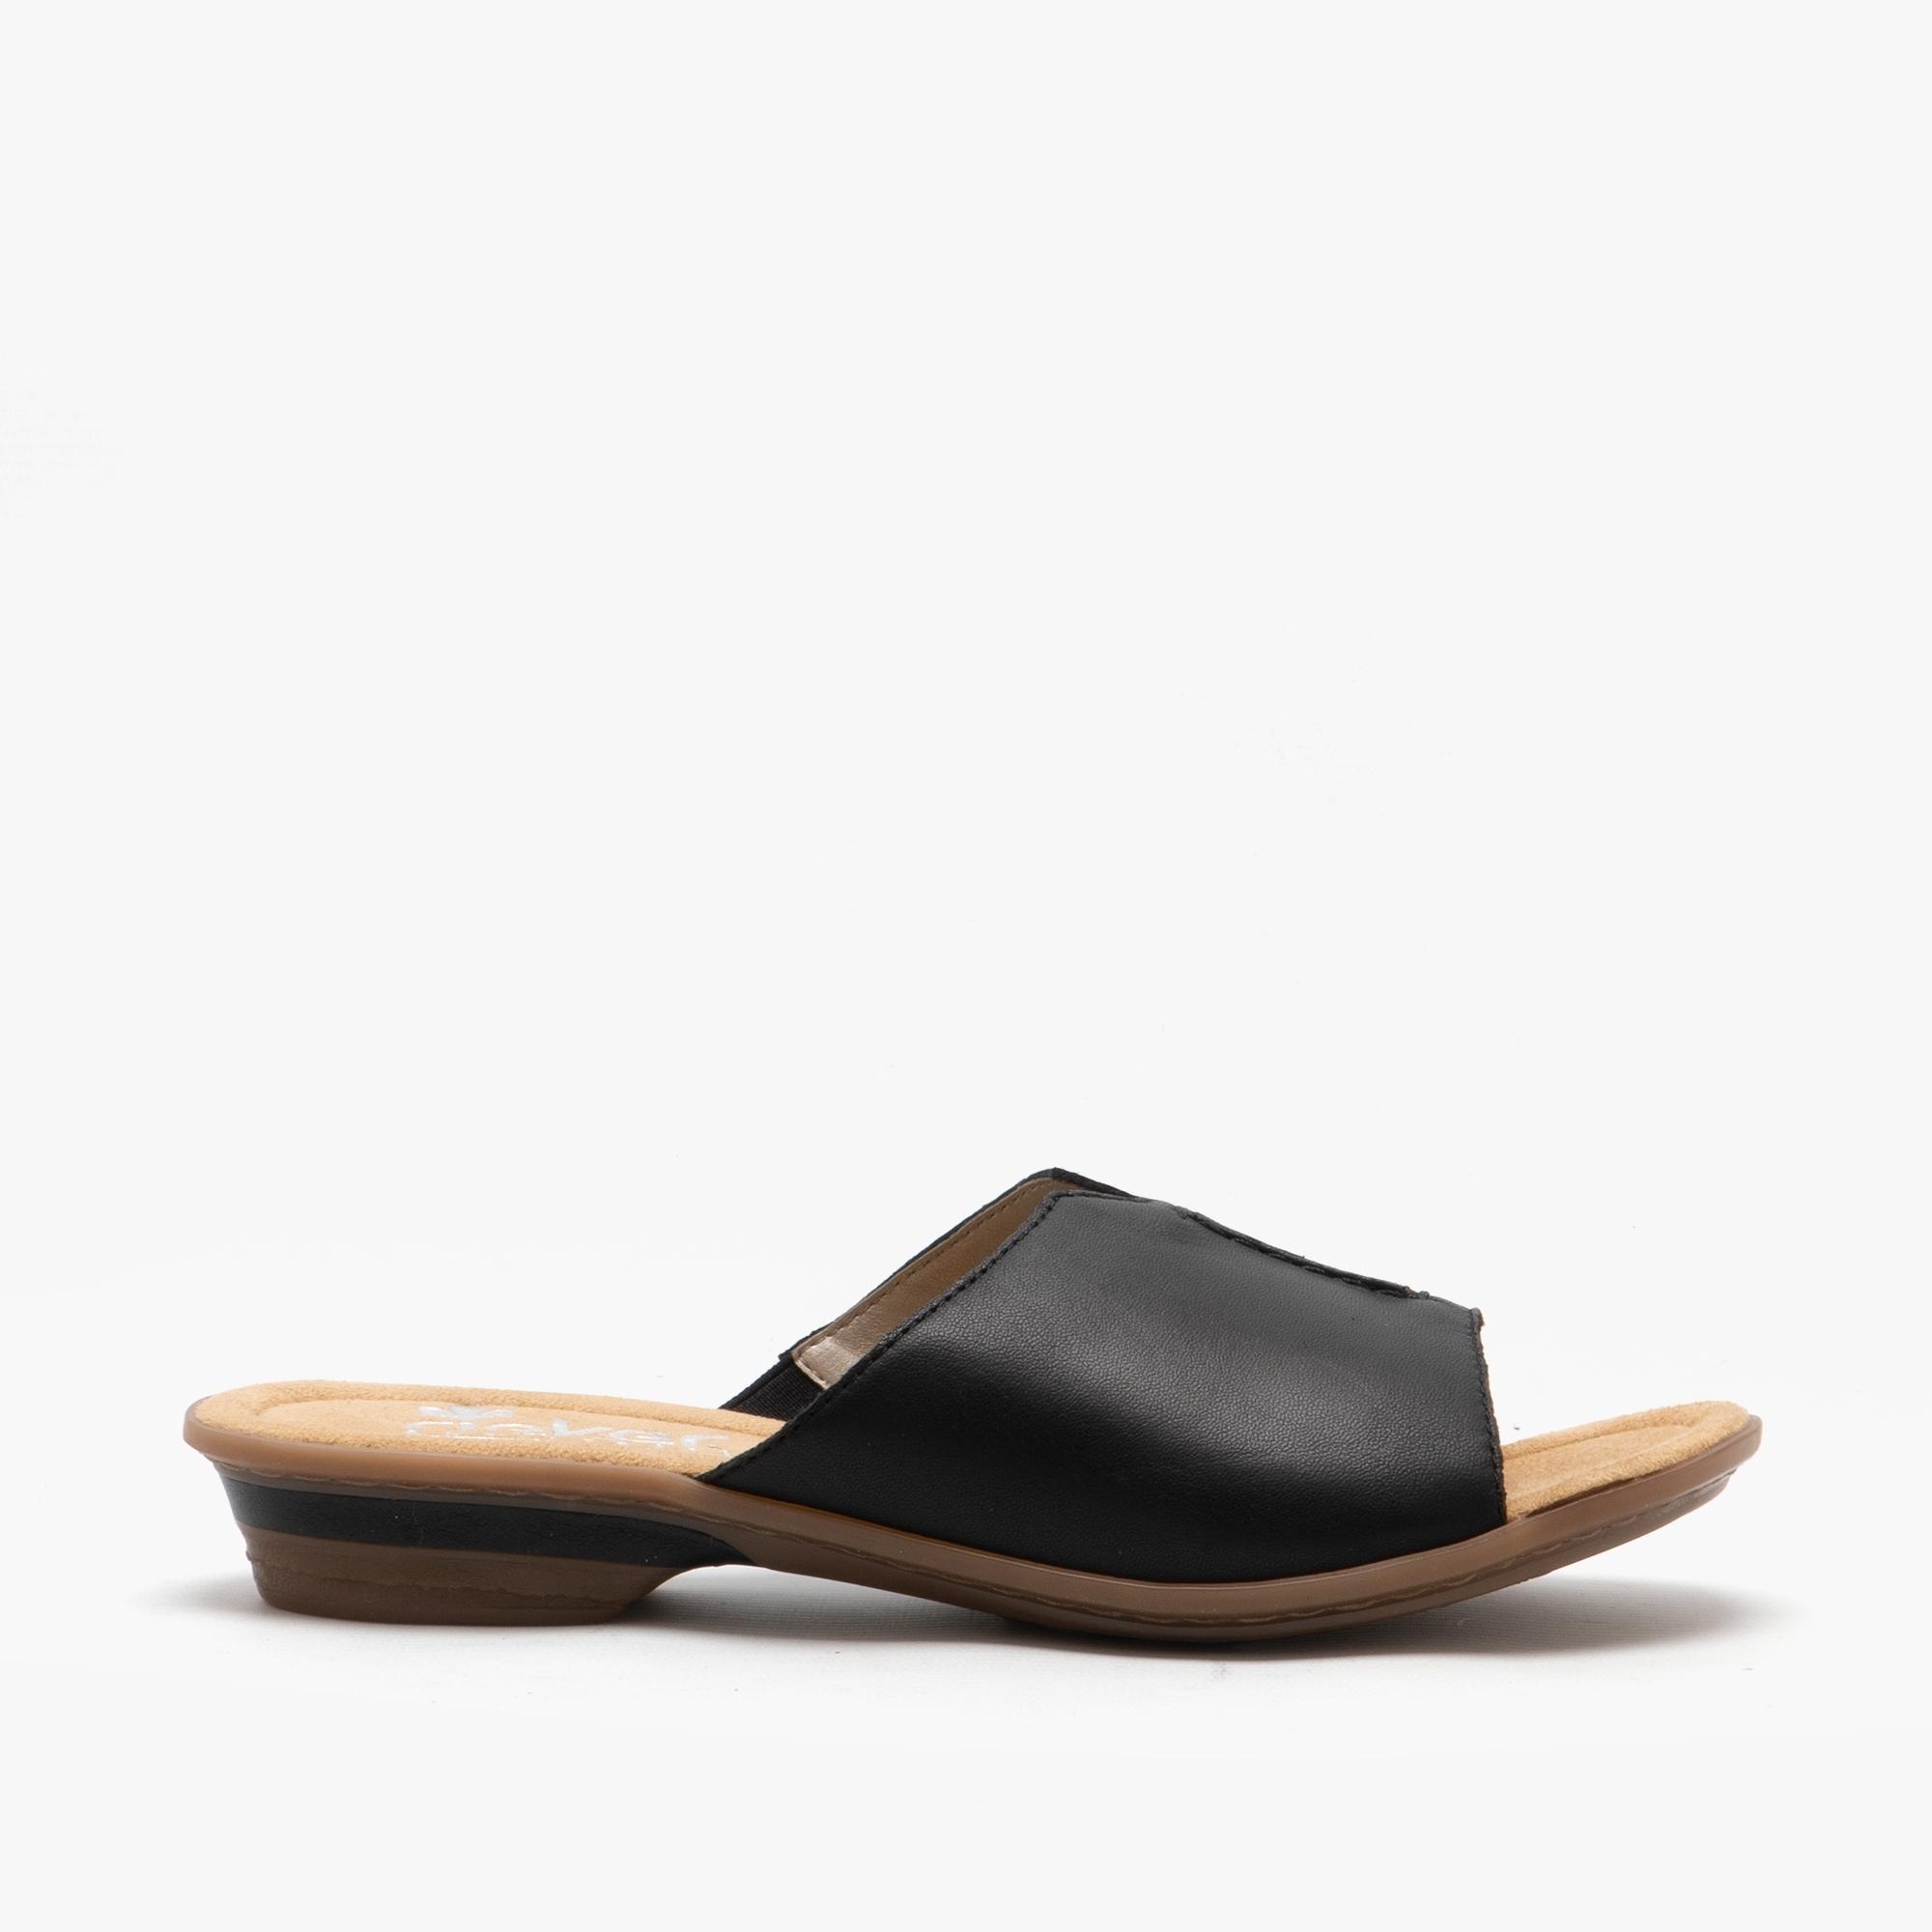 Rieker 63459-00 Ladies Leather Slip-On